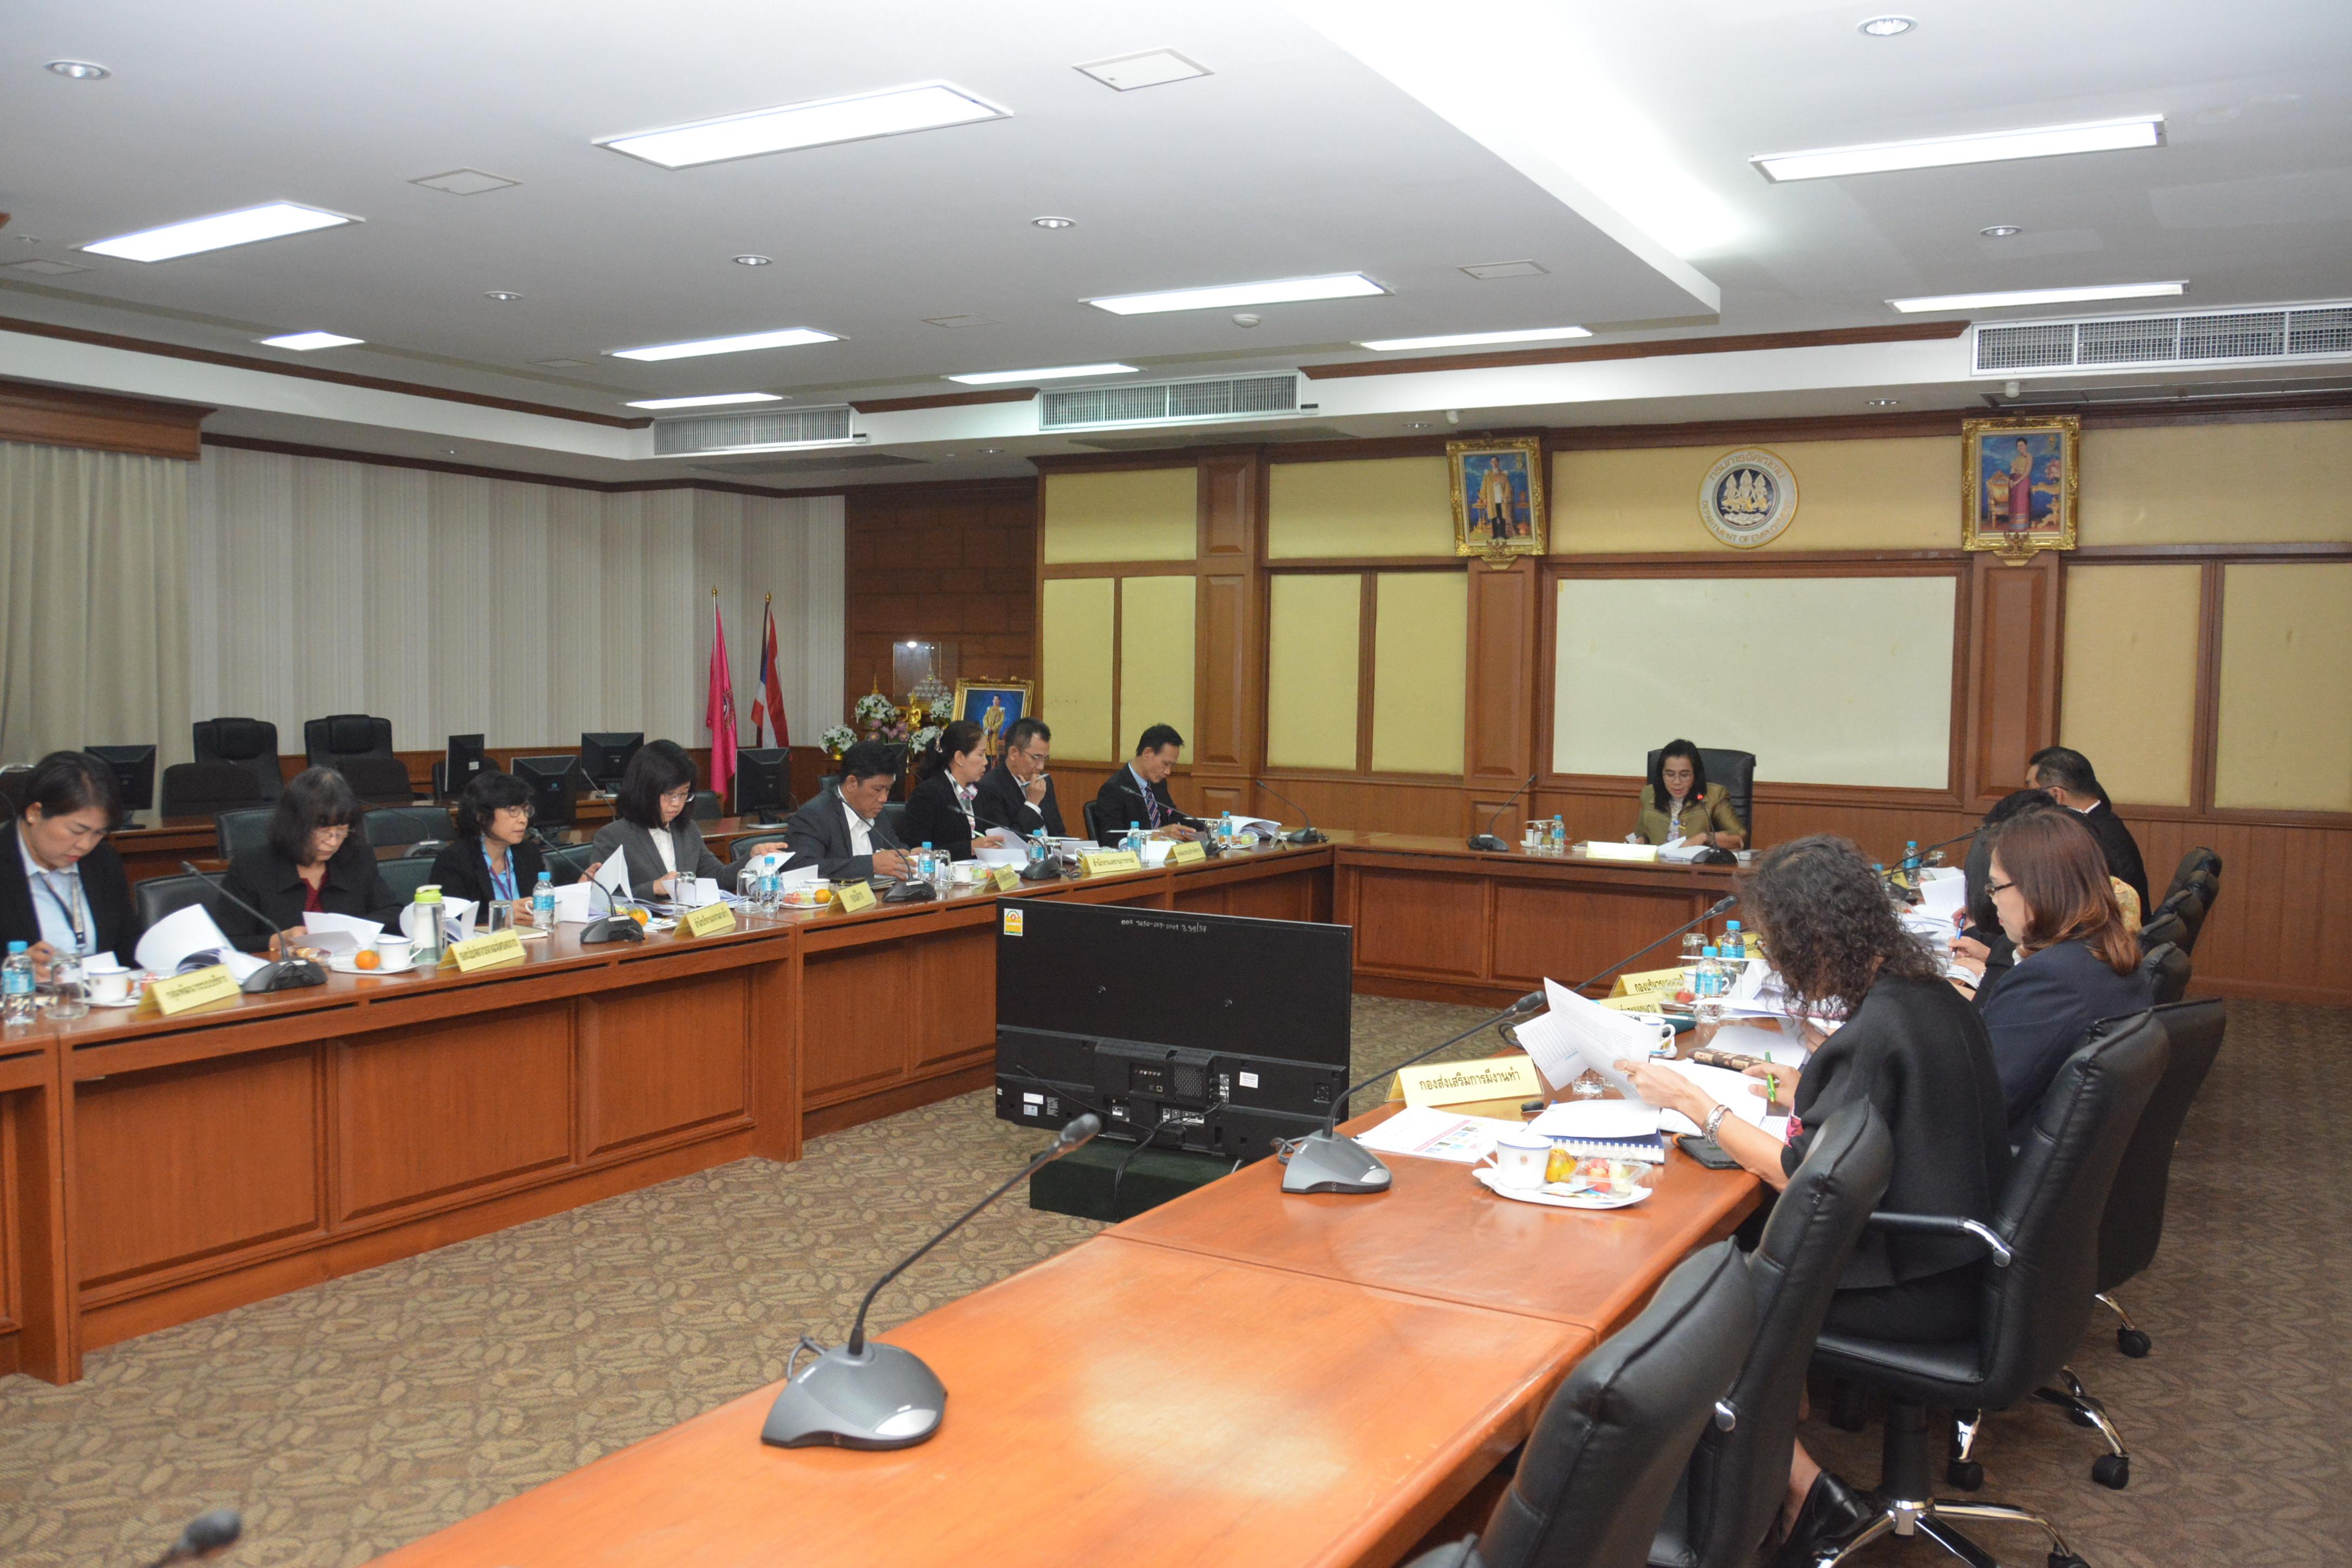 กรมการจัดหางาน ประชุมคณะกรรมการพัฒนาบุคลากรกรมการจัดหางาน ครั้งที่ 1/2562